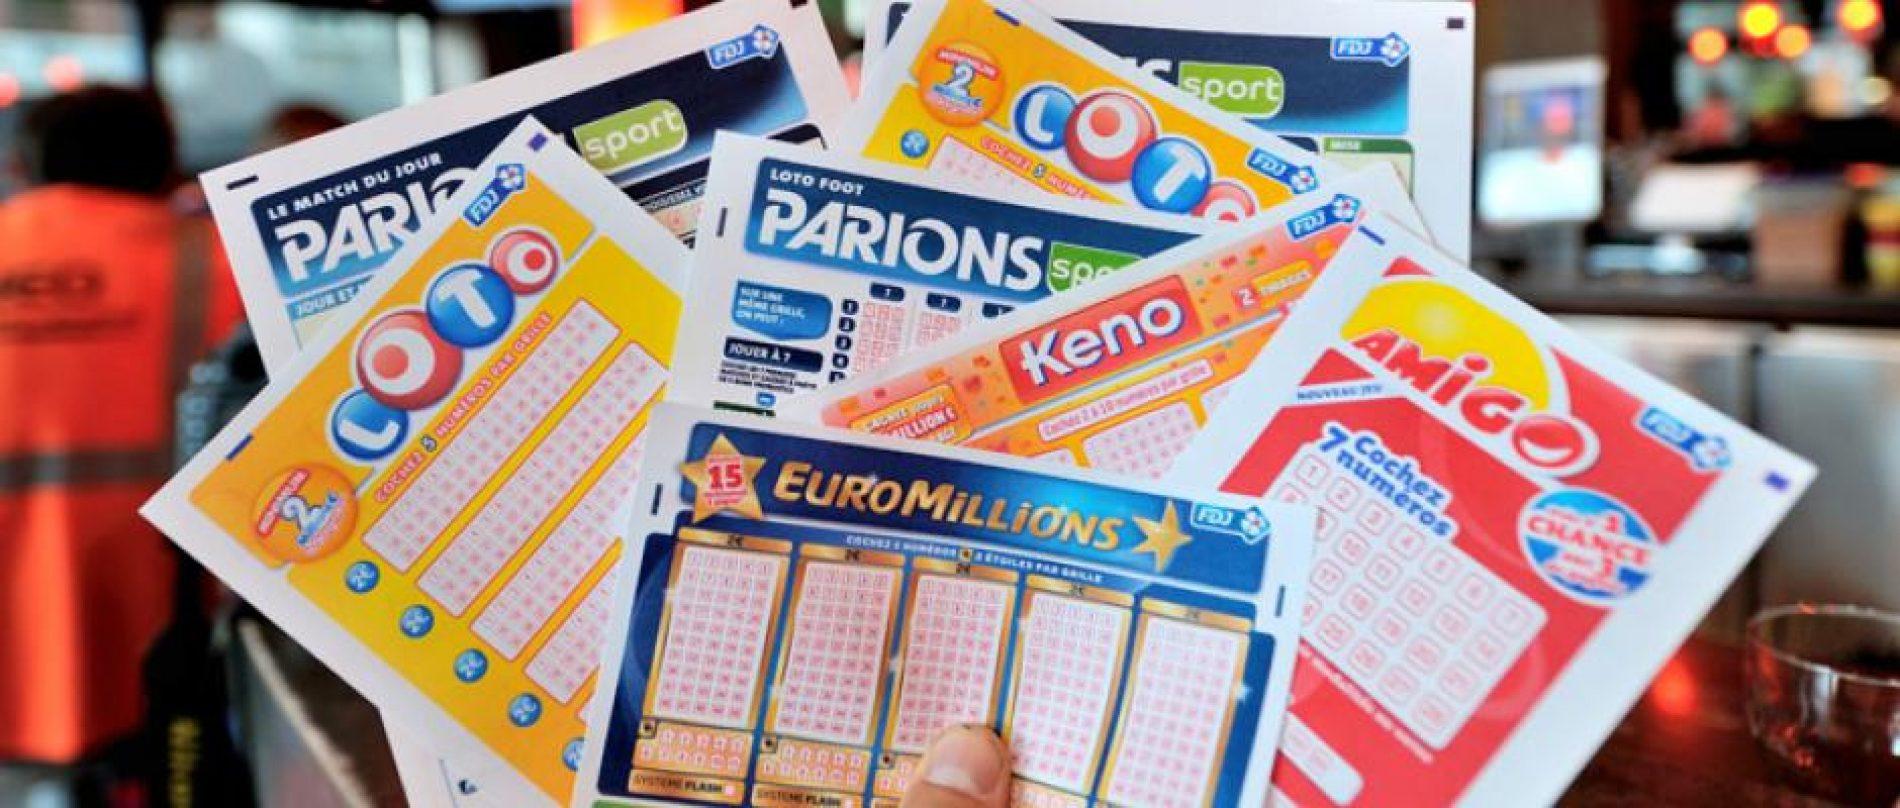 Jeu d'argent : quelles sont vos chances de gagner au jeu de hasard ?